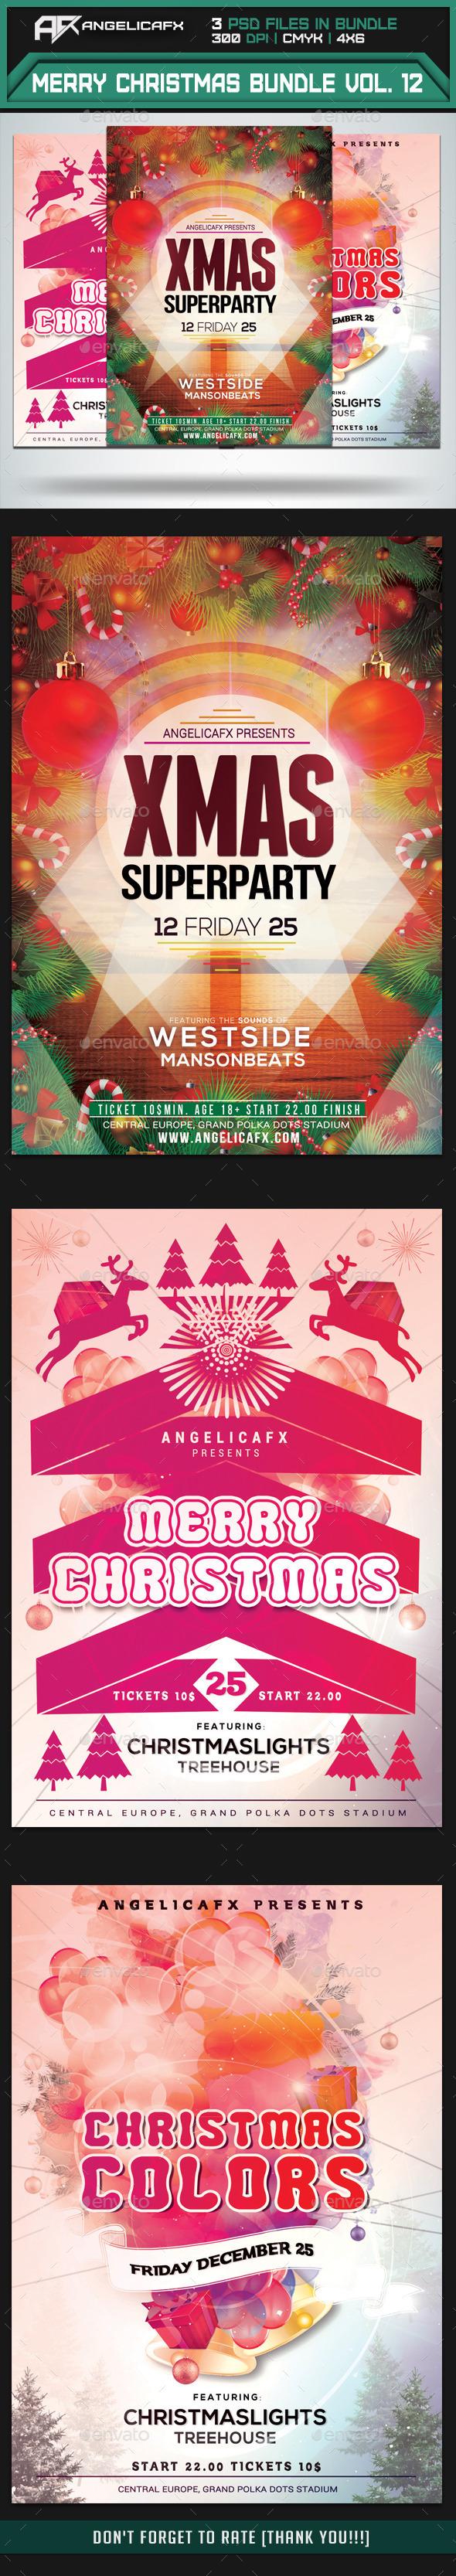 Merry Christmas Flyer Bundle Vol. 1 - Flyers Print Templates